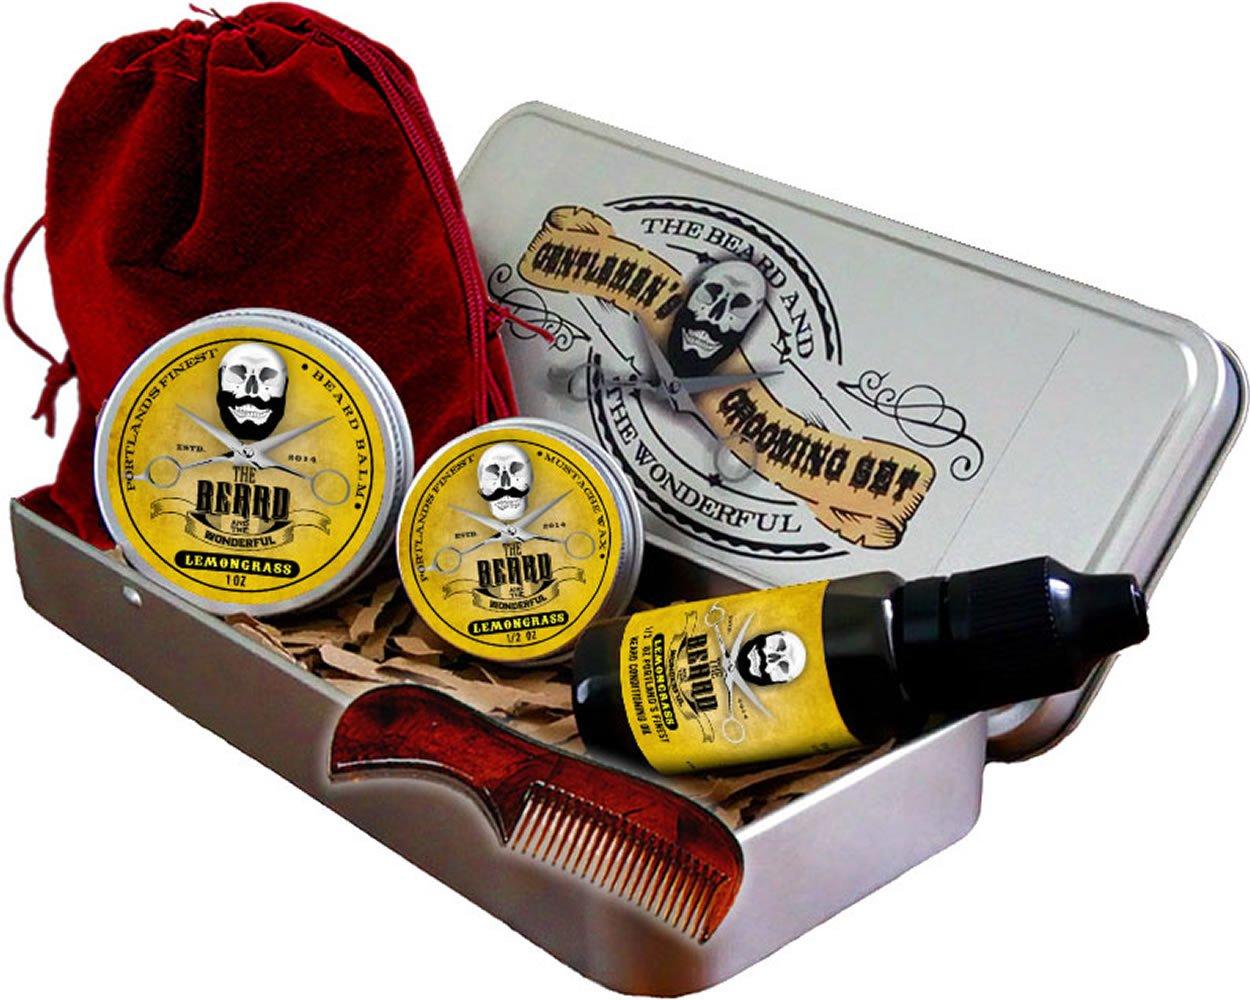 Juego para cuidado de barba,fragancia de citronela, aceite para barba tradicional, cera para bigote, bálsamo para uniformar, Minipeine, en una hermosa funda de regalo de aluminio, El regalo perfecto, todos los ingredientes son naturales fragancia de citr